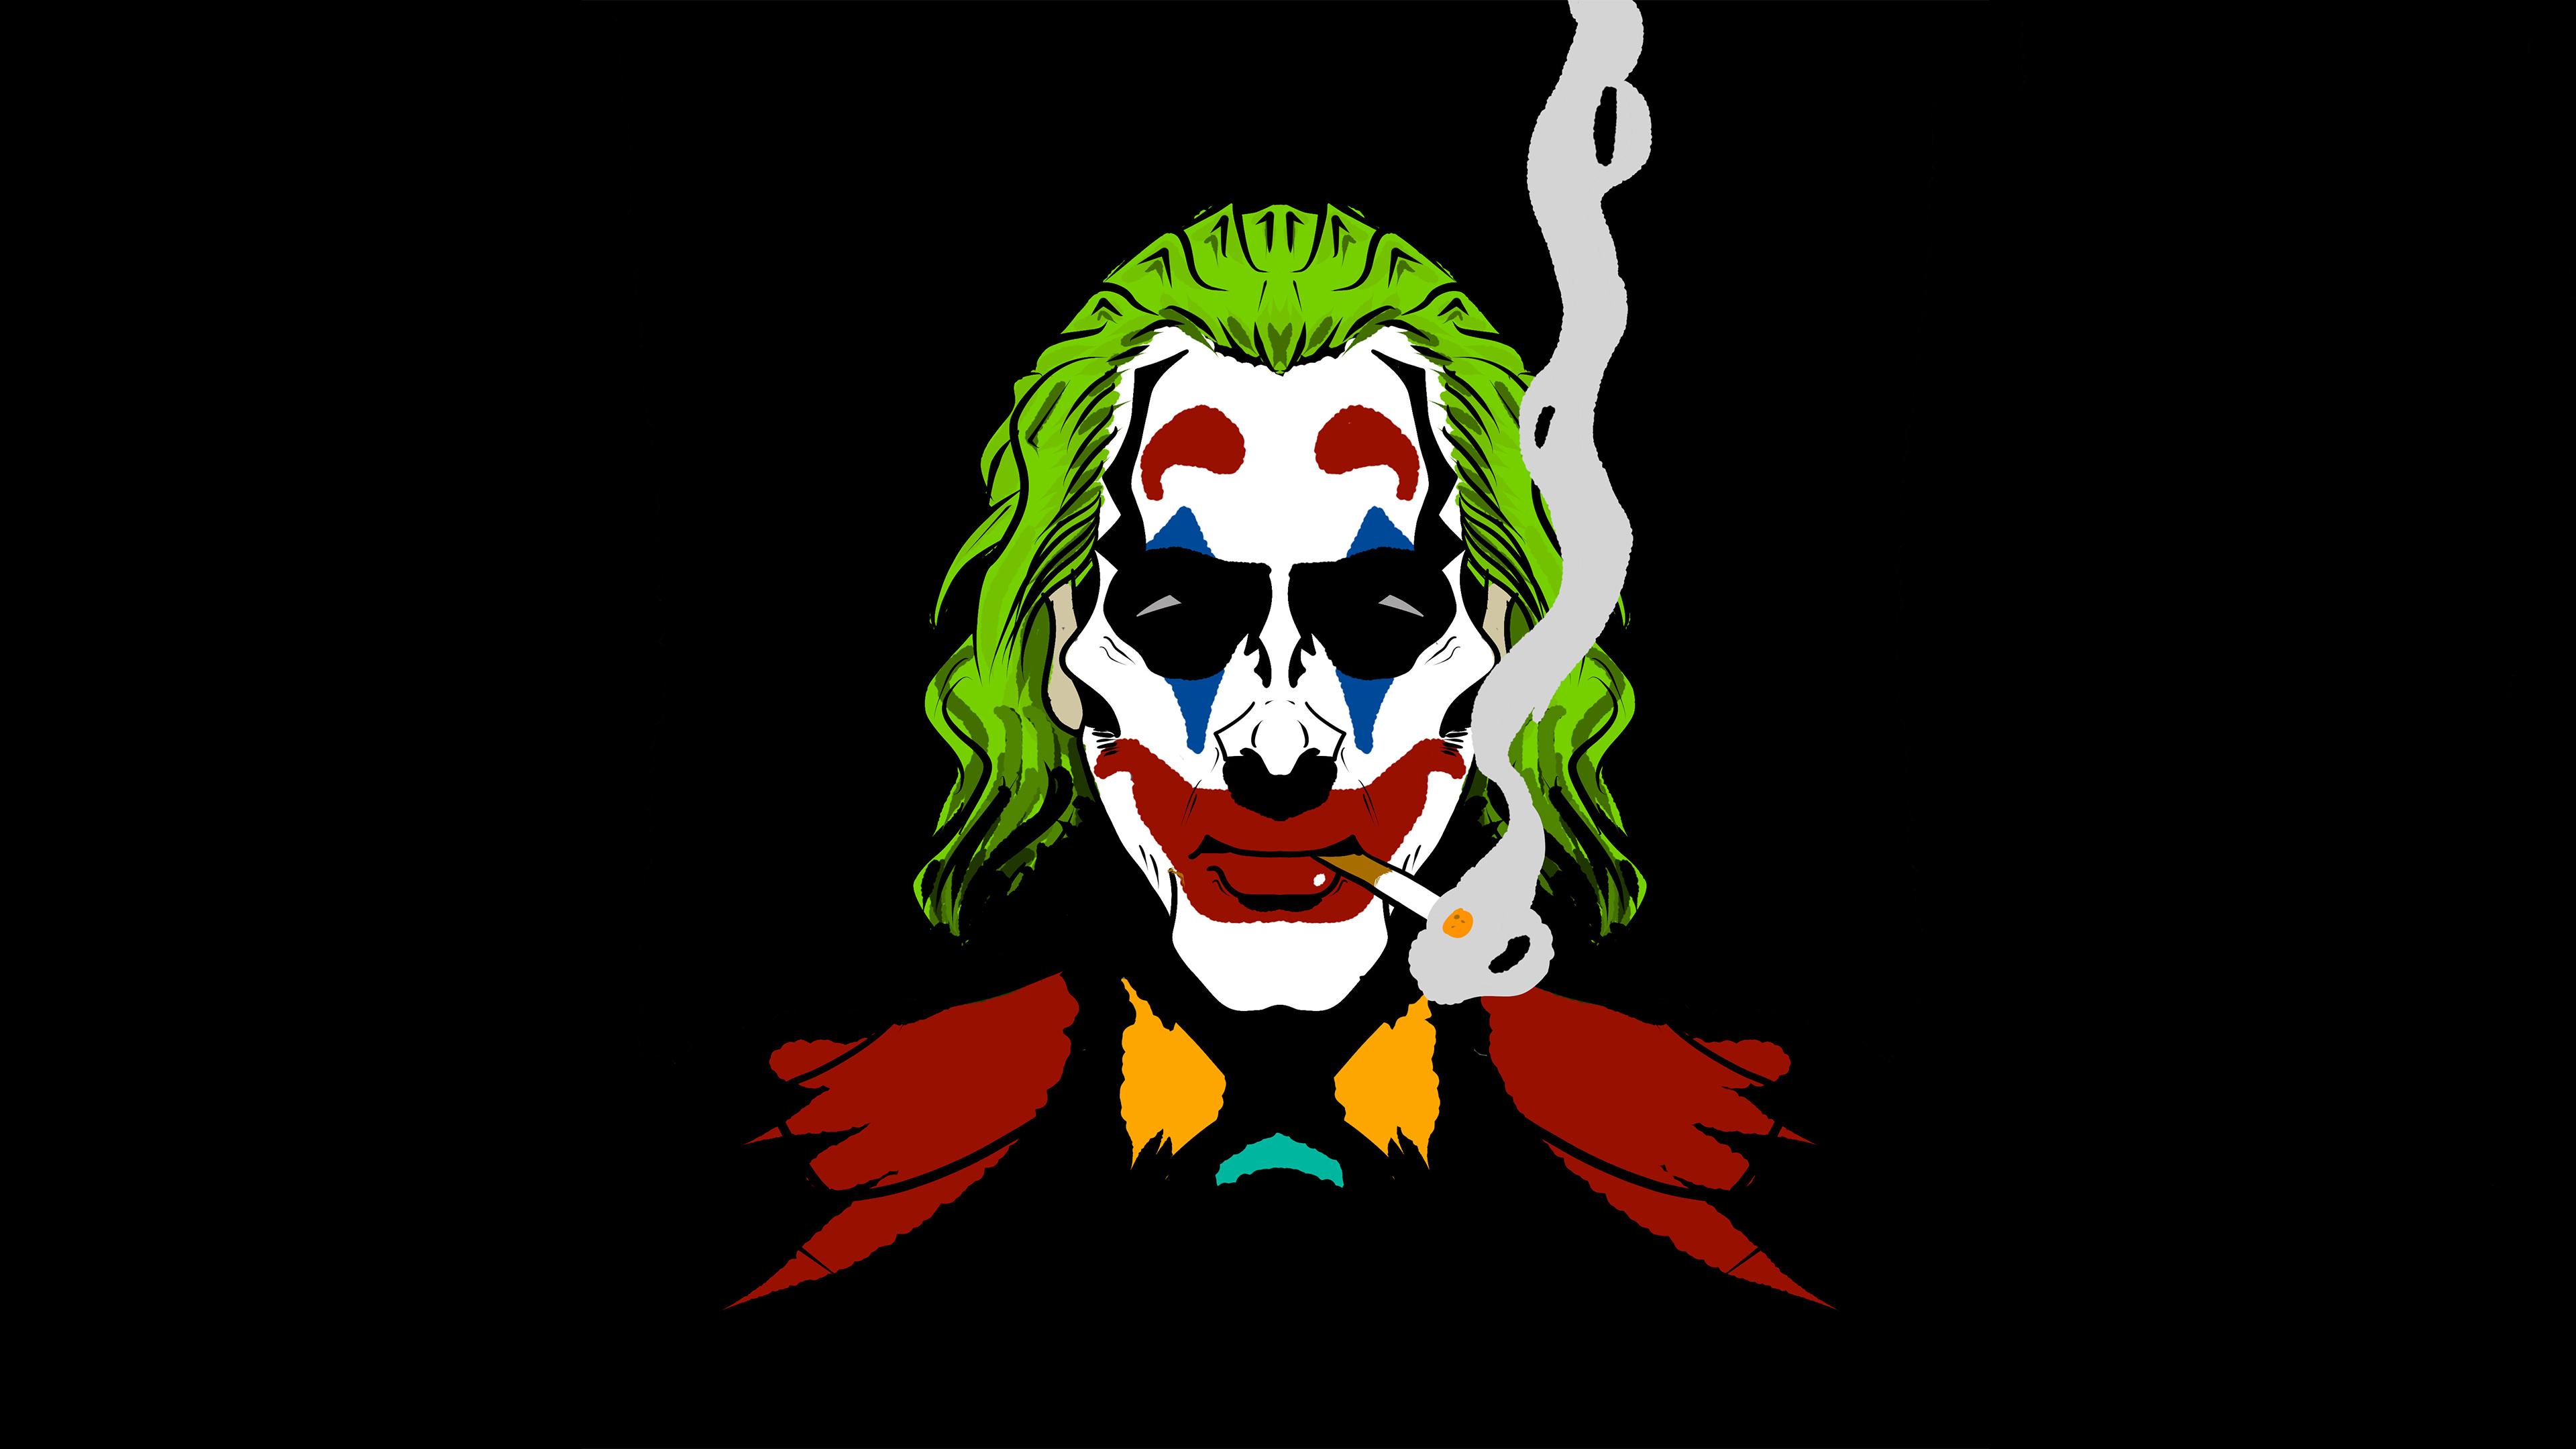 Joker Cigratte Smoking Hd Superheroes 4k Wallpapers